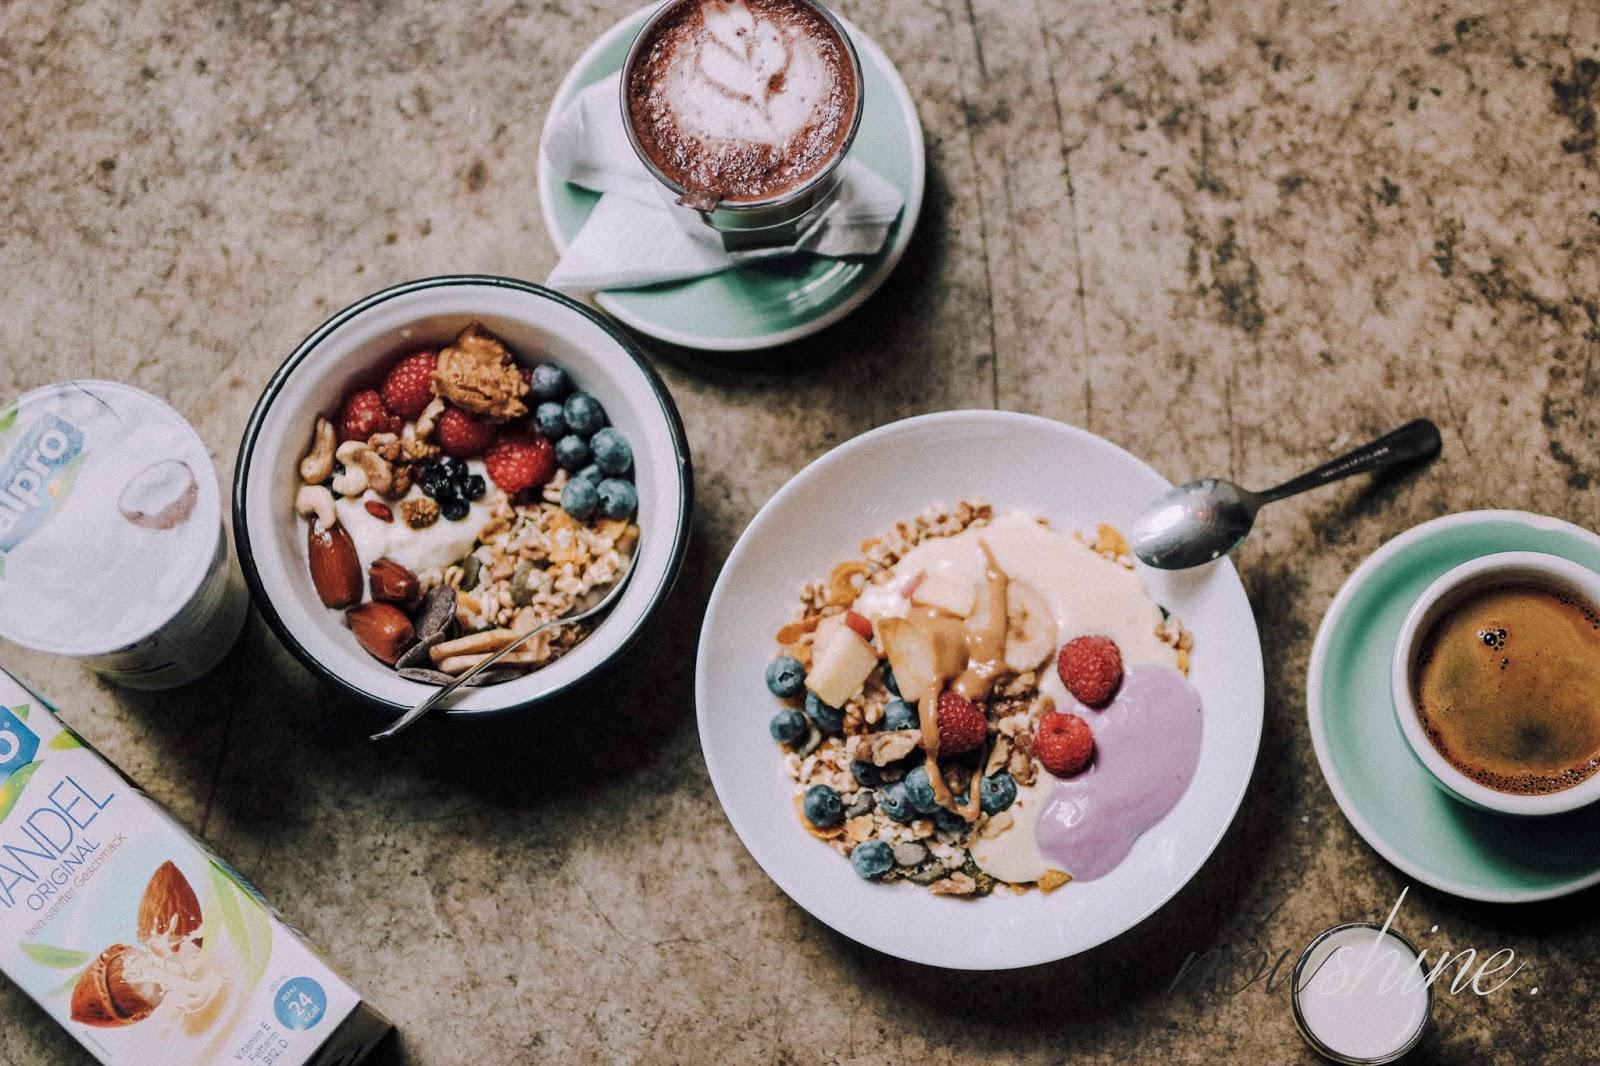 Haferflocken mit Joghurtalternative Soja mit Kokos von Alpro/ Nowshine ü40 Lifestyle Blog